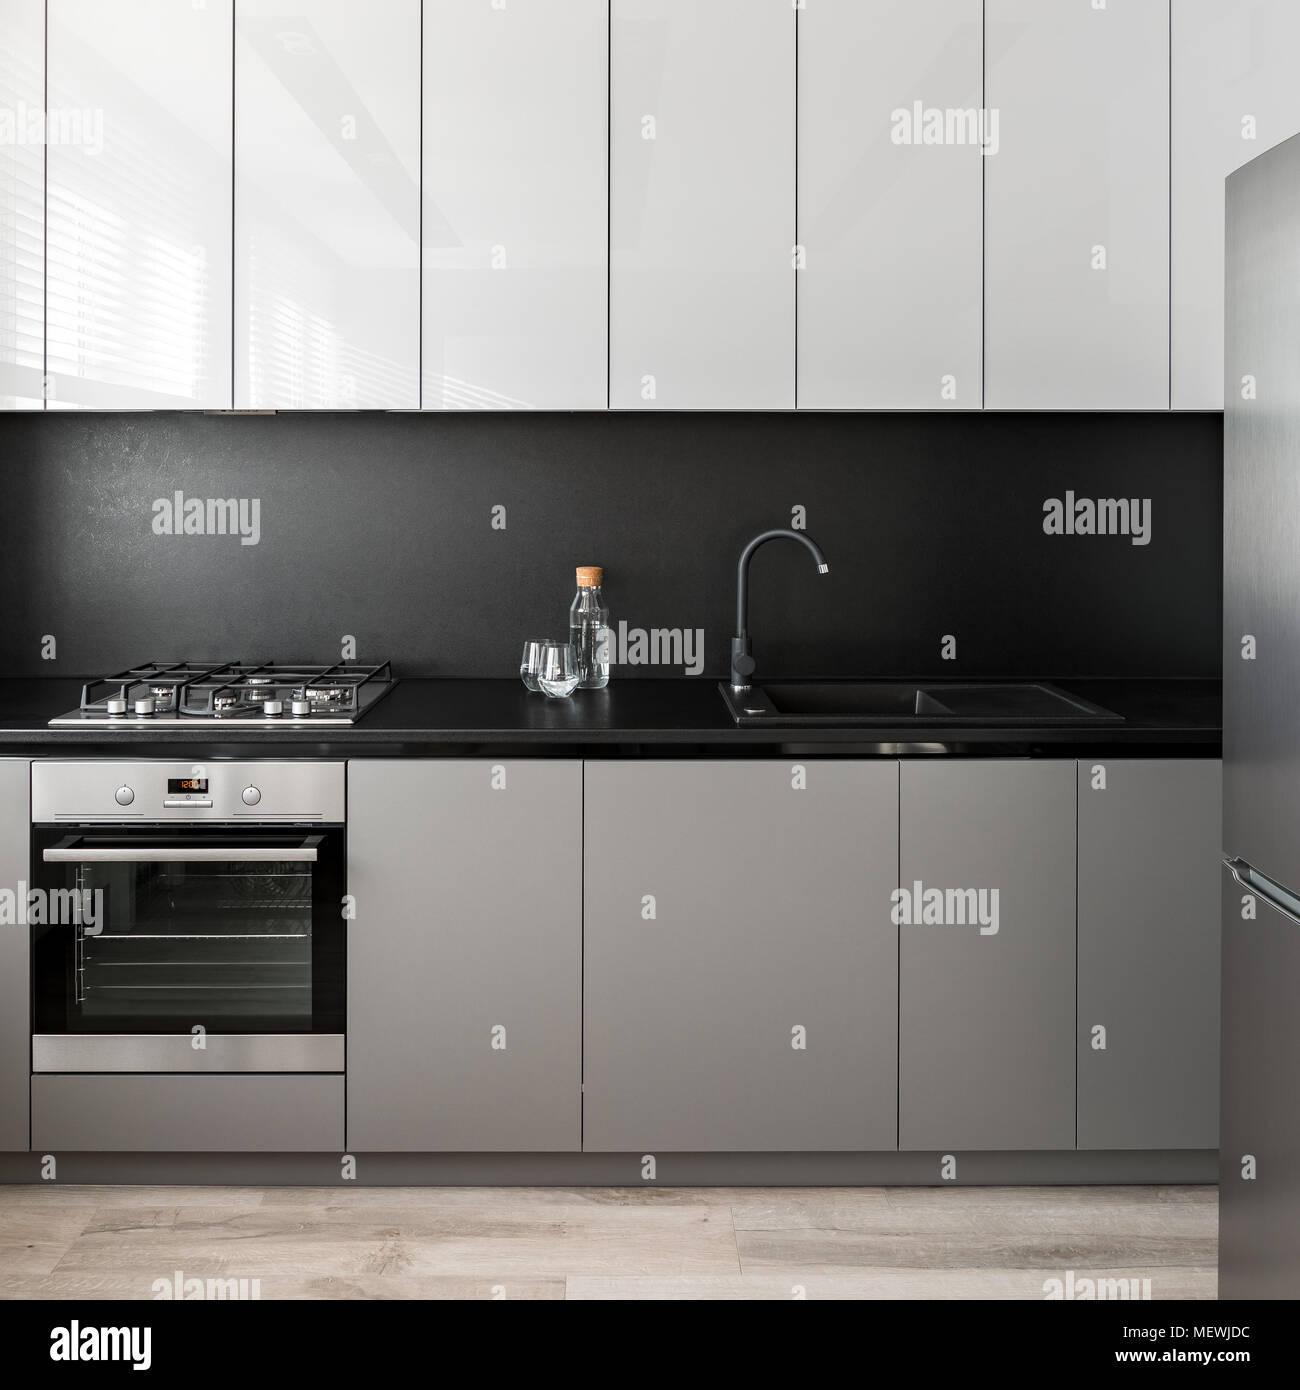 Einfache Küche Einheit In Grau Und Weiß Mit Schwarzen Backsplash Stockbild